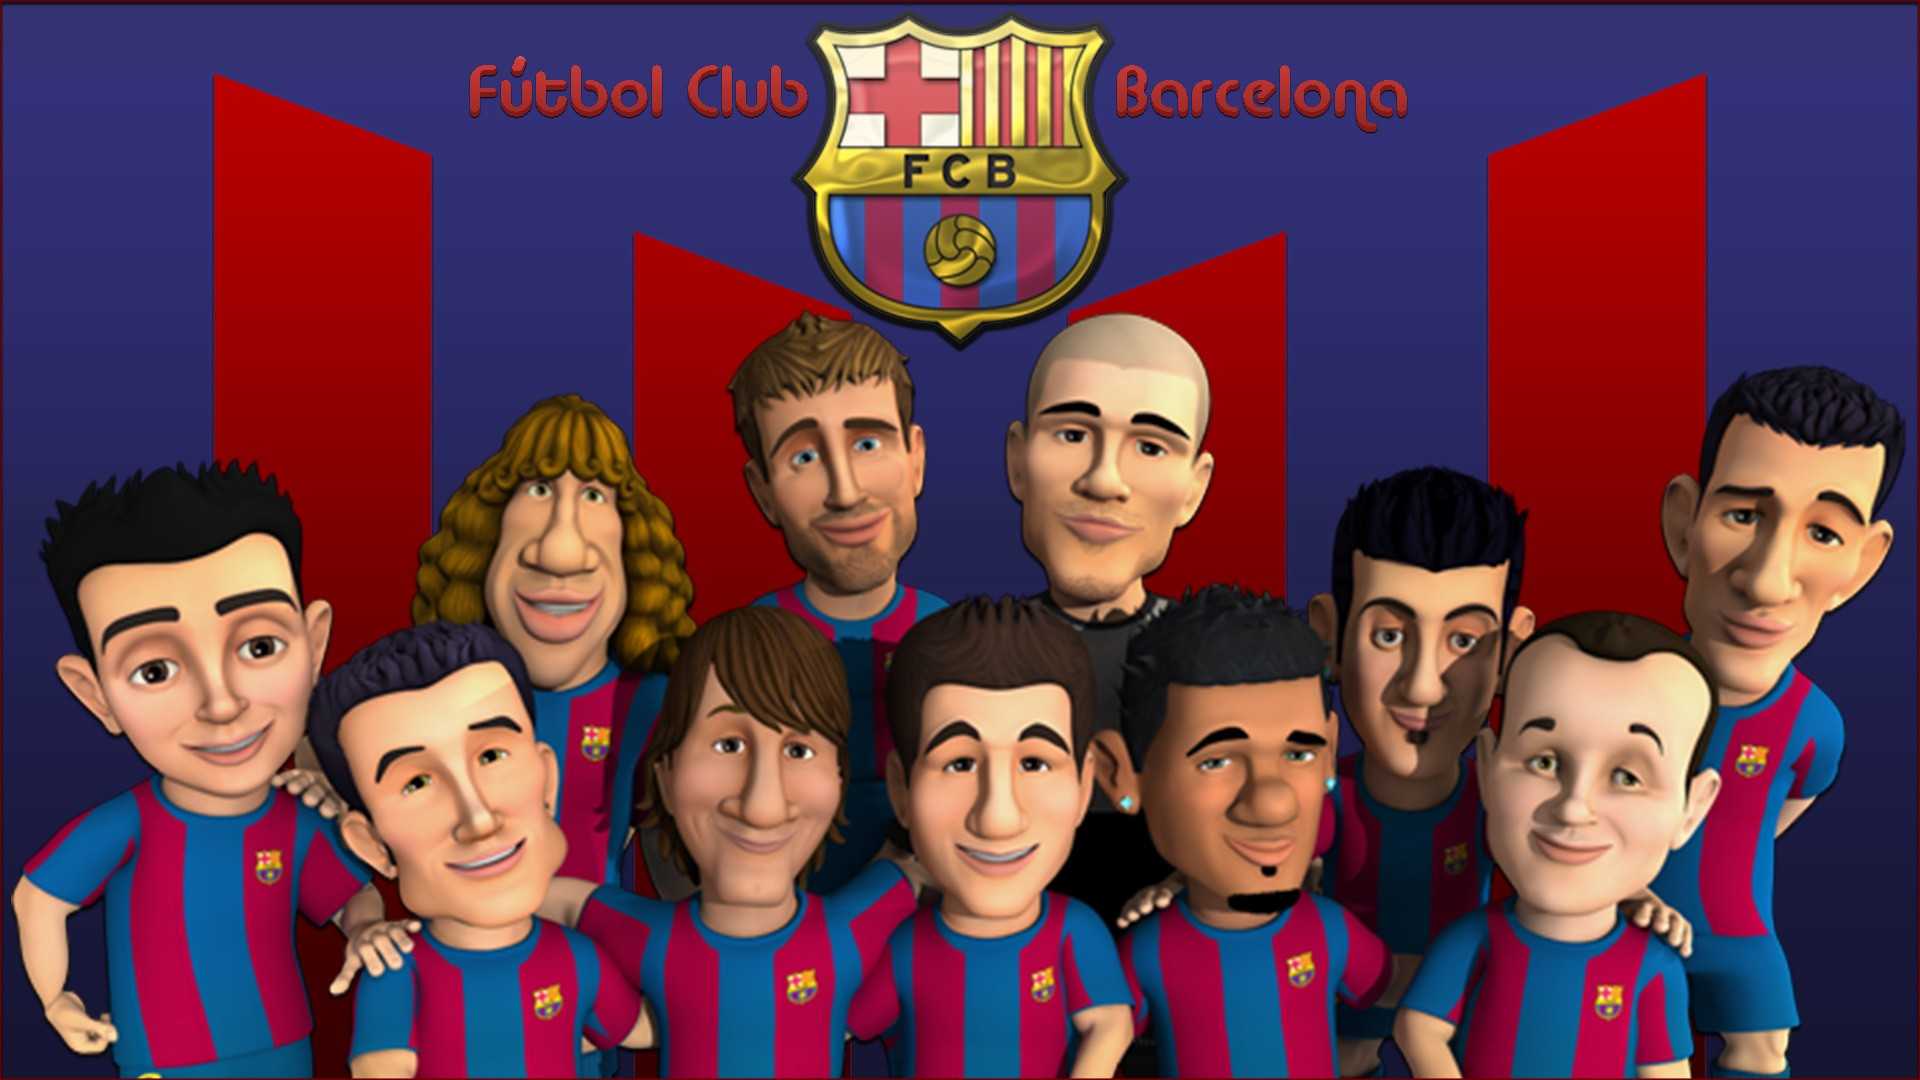 Caricaturas del Barcelona - 1920x1080